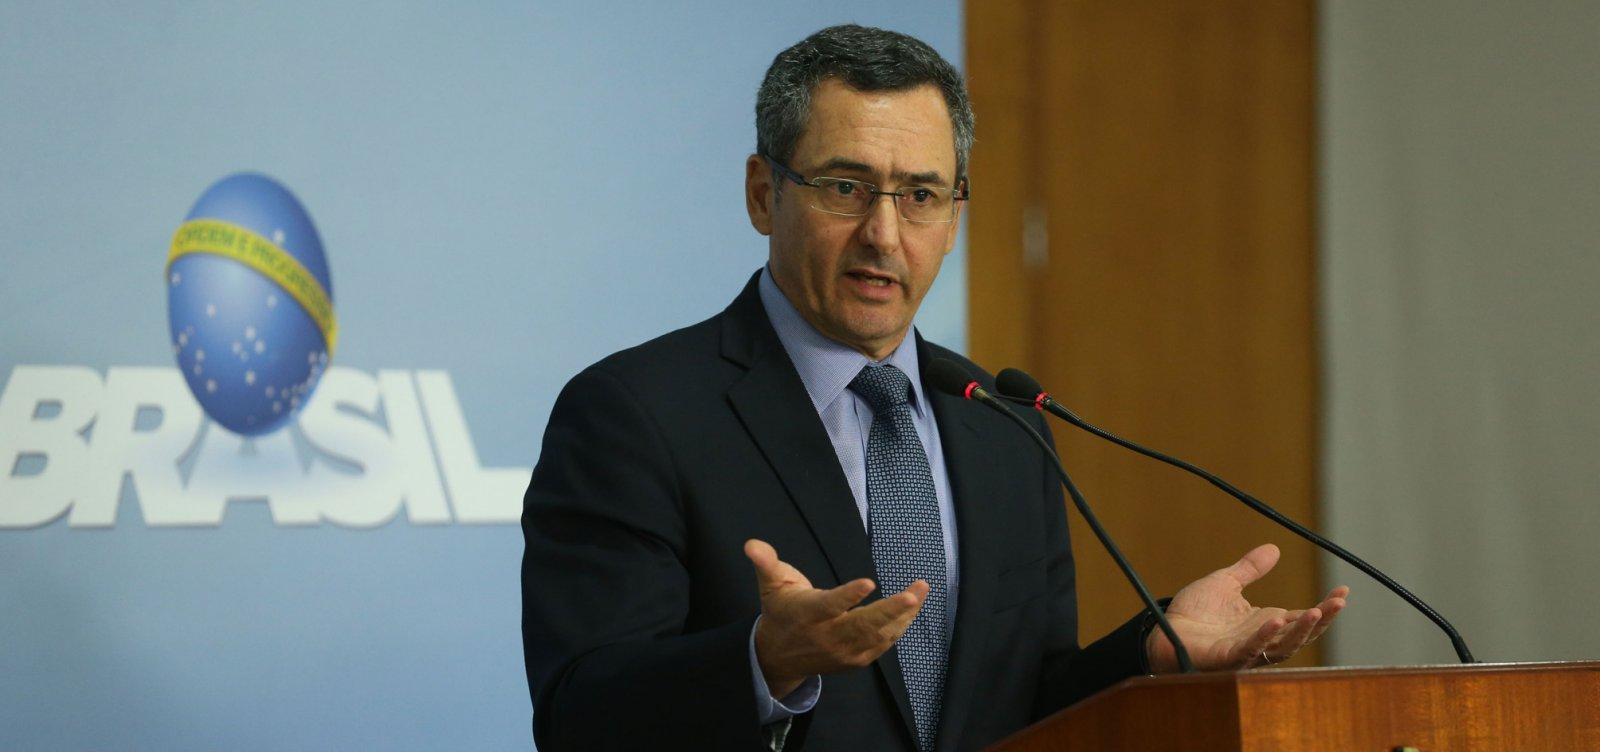 [Ministro diz que custo das medidas para o fim da greve é de R$ 9,5 bi ]